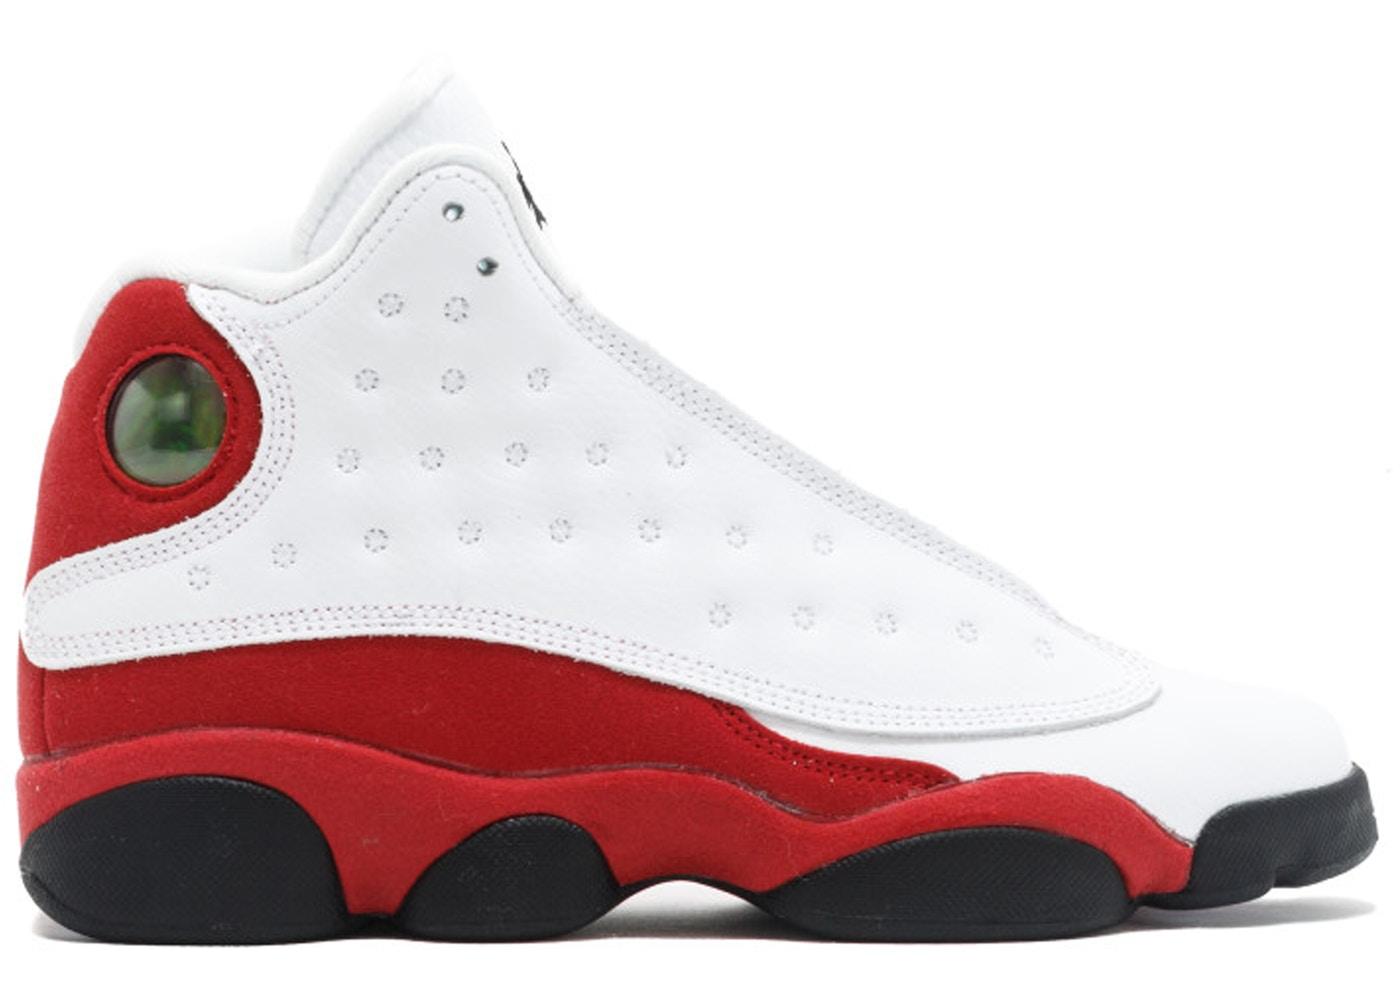 e6b775821b54 Buy Air Jordan 13 Shoes   Deadstock Sneakers